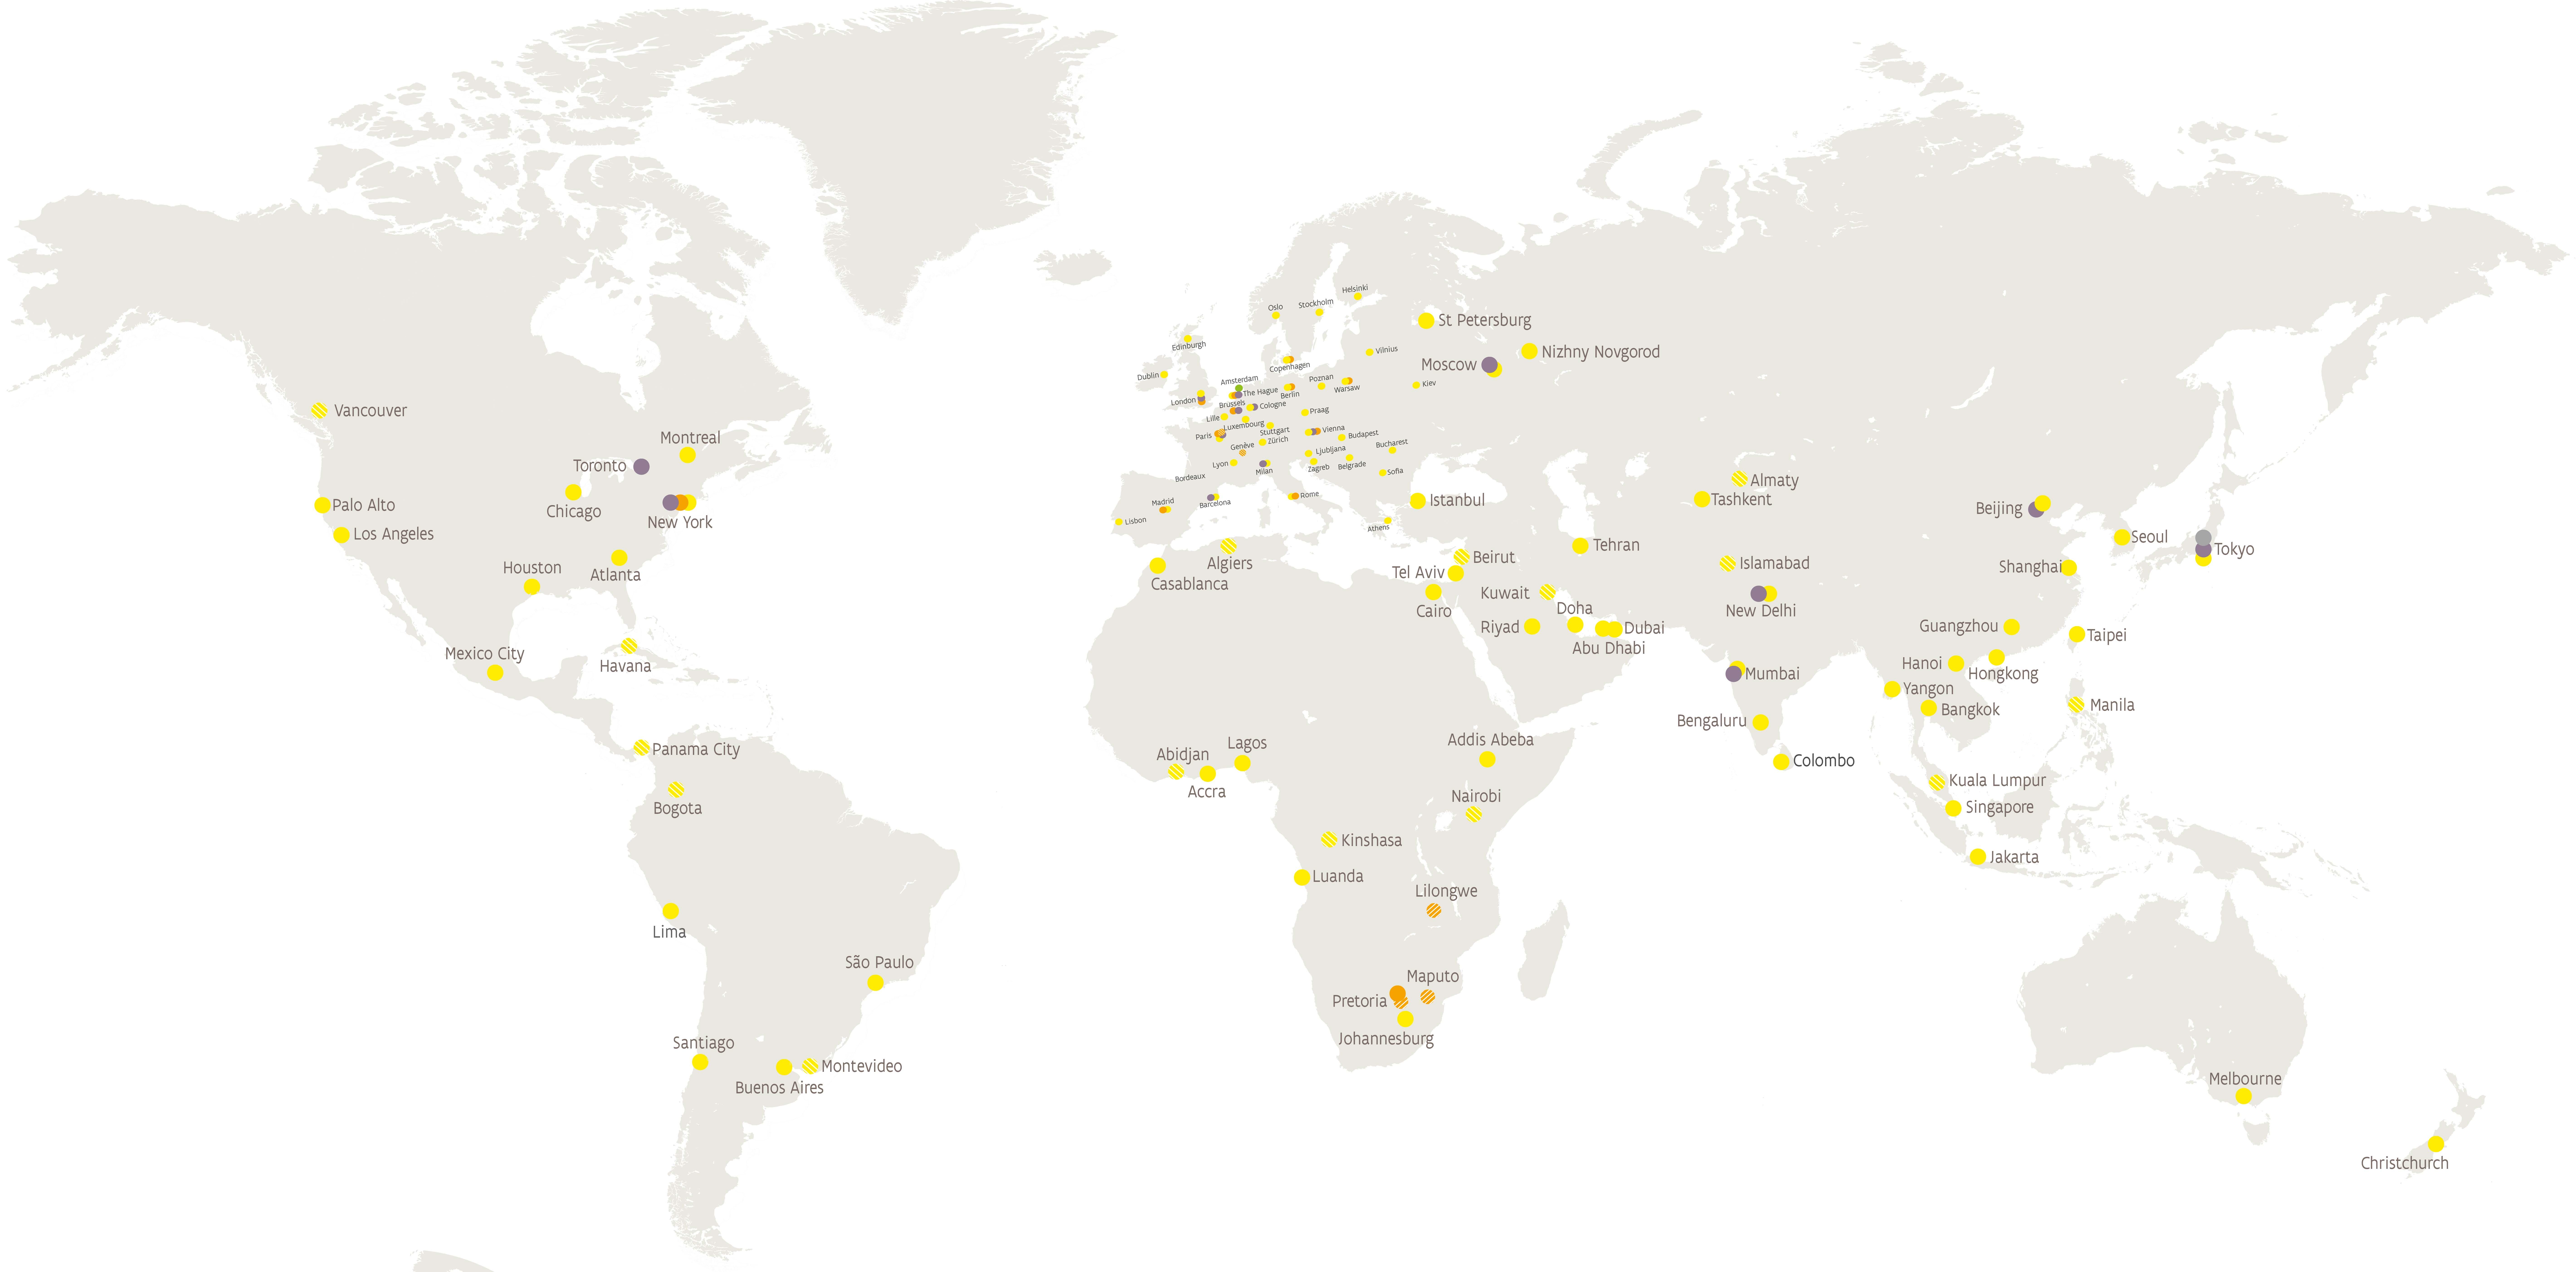 Flanders Global Network